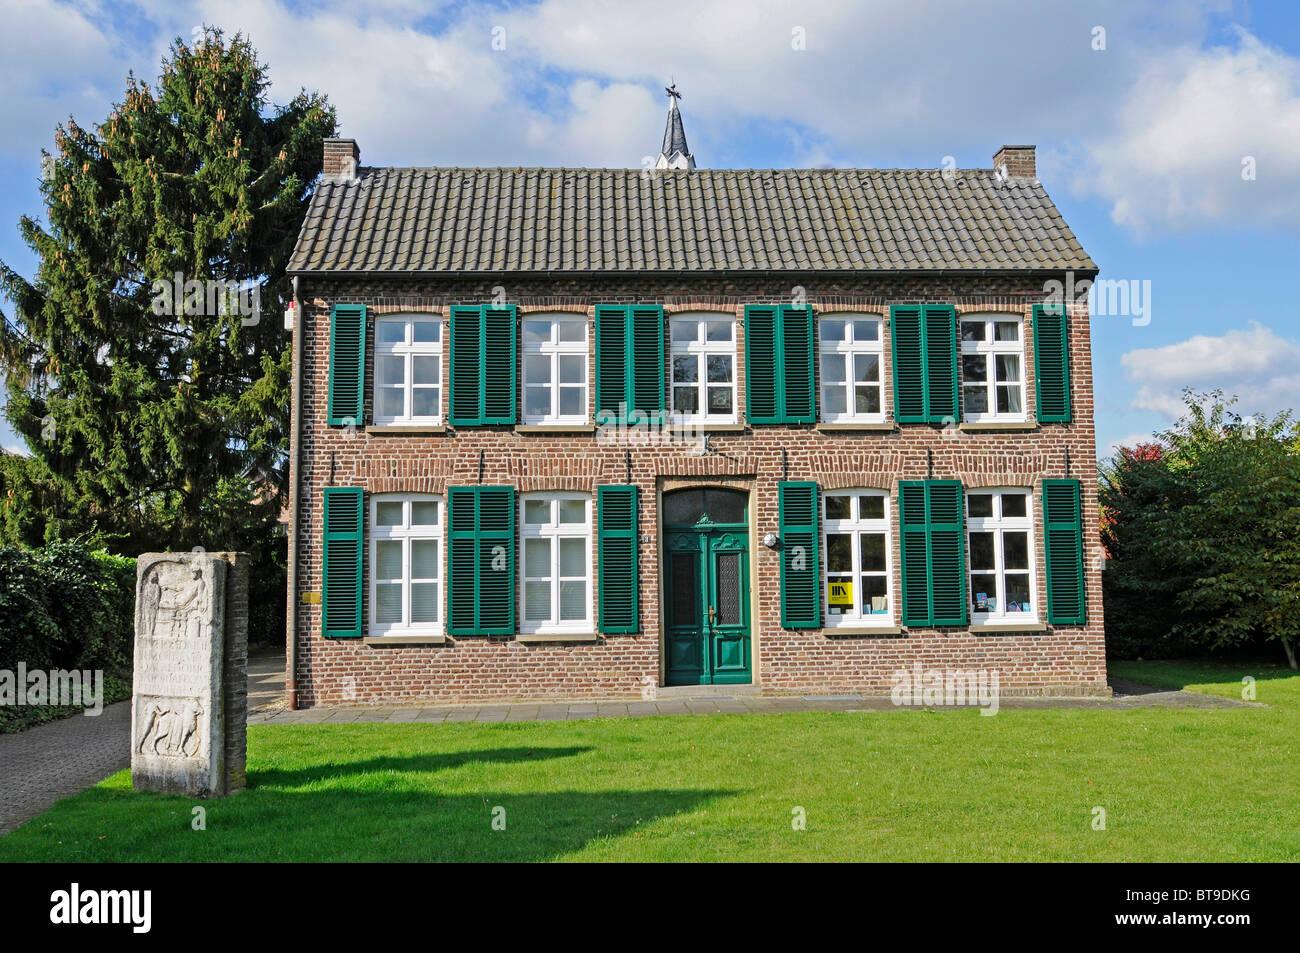 Bibliothèque catholique, monument, lieu de pèlerinage, de Marienbaum, Xanten, Bas-rhin, Nordrhein-Westfalen, Germany, Europe Banque D'Images